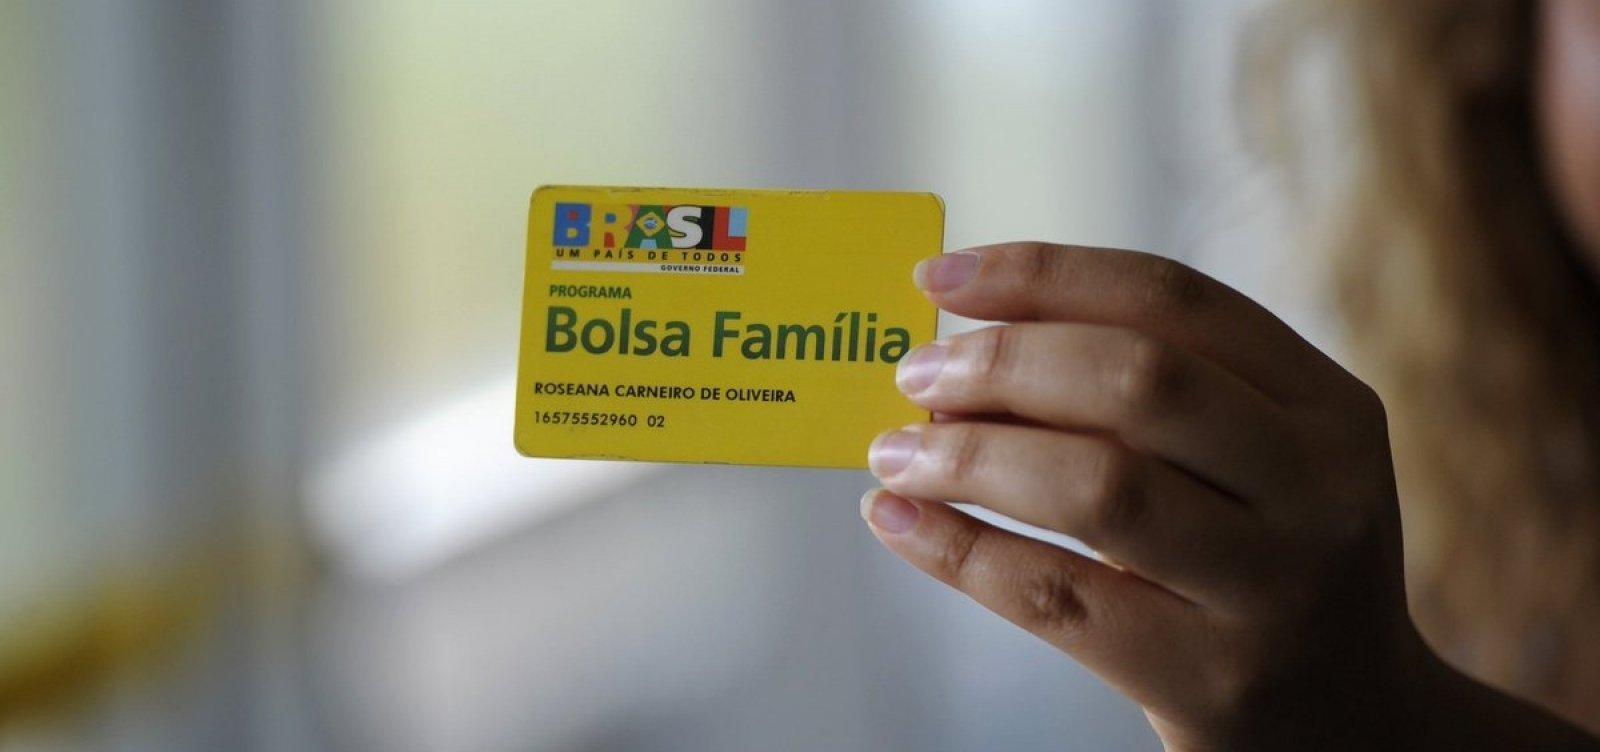 [Ao justificar 13º do Bolsa Família, Bolsonaro cita caso de fraude descoberta no governo Lula]